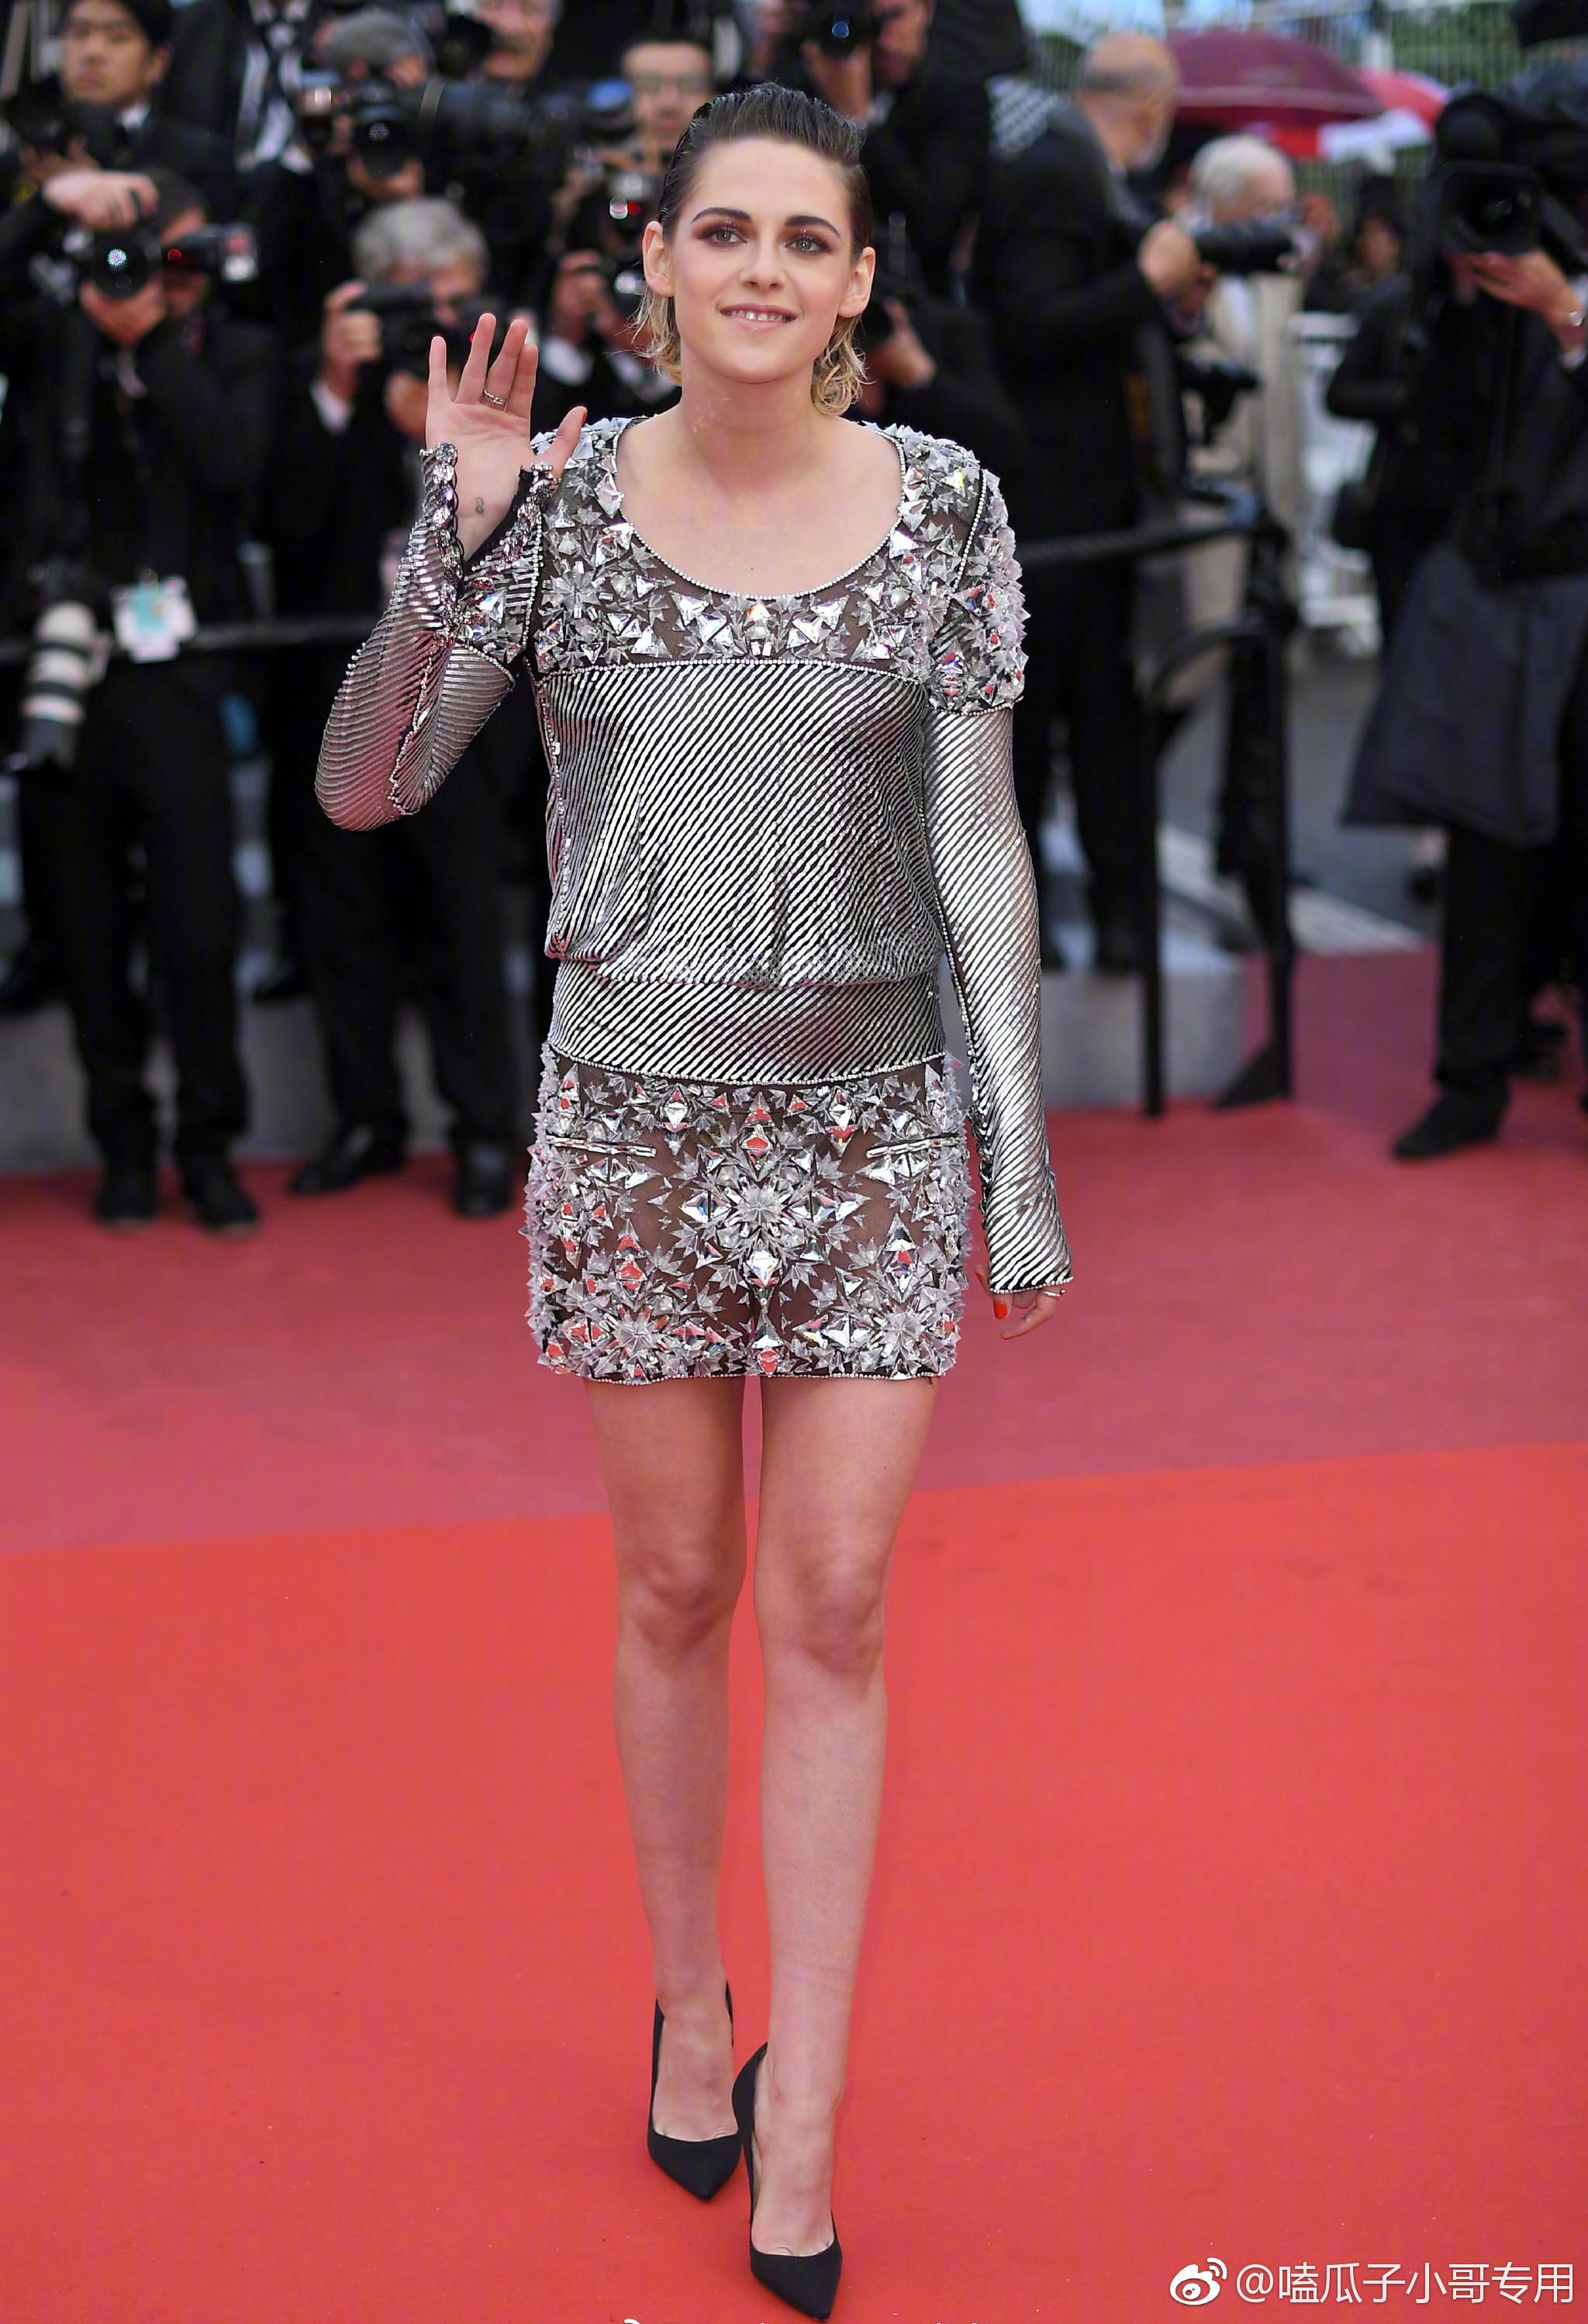 暮光女光脚走红毯 女明星就一定要穿高跟鞋吗